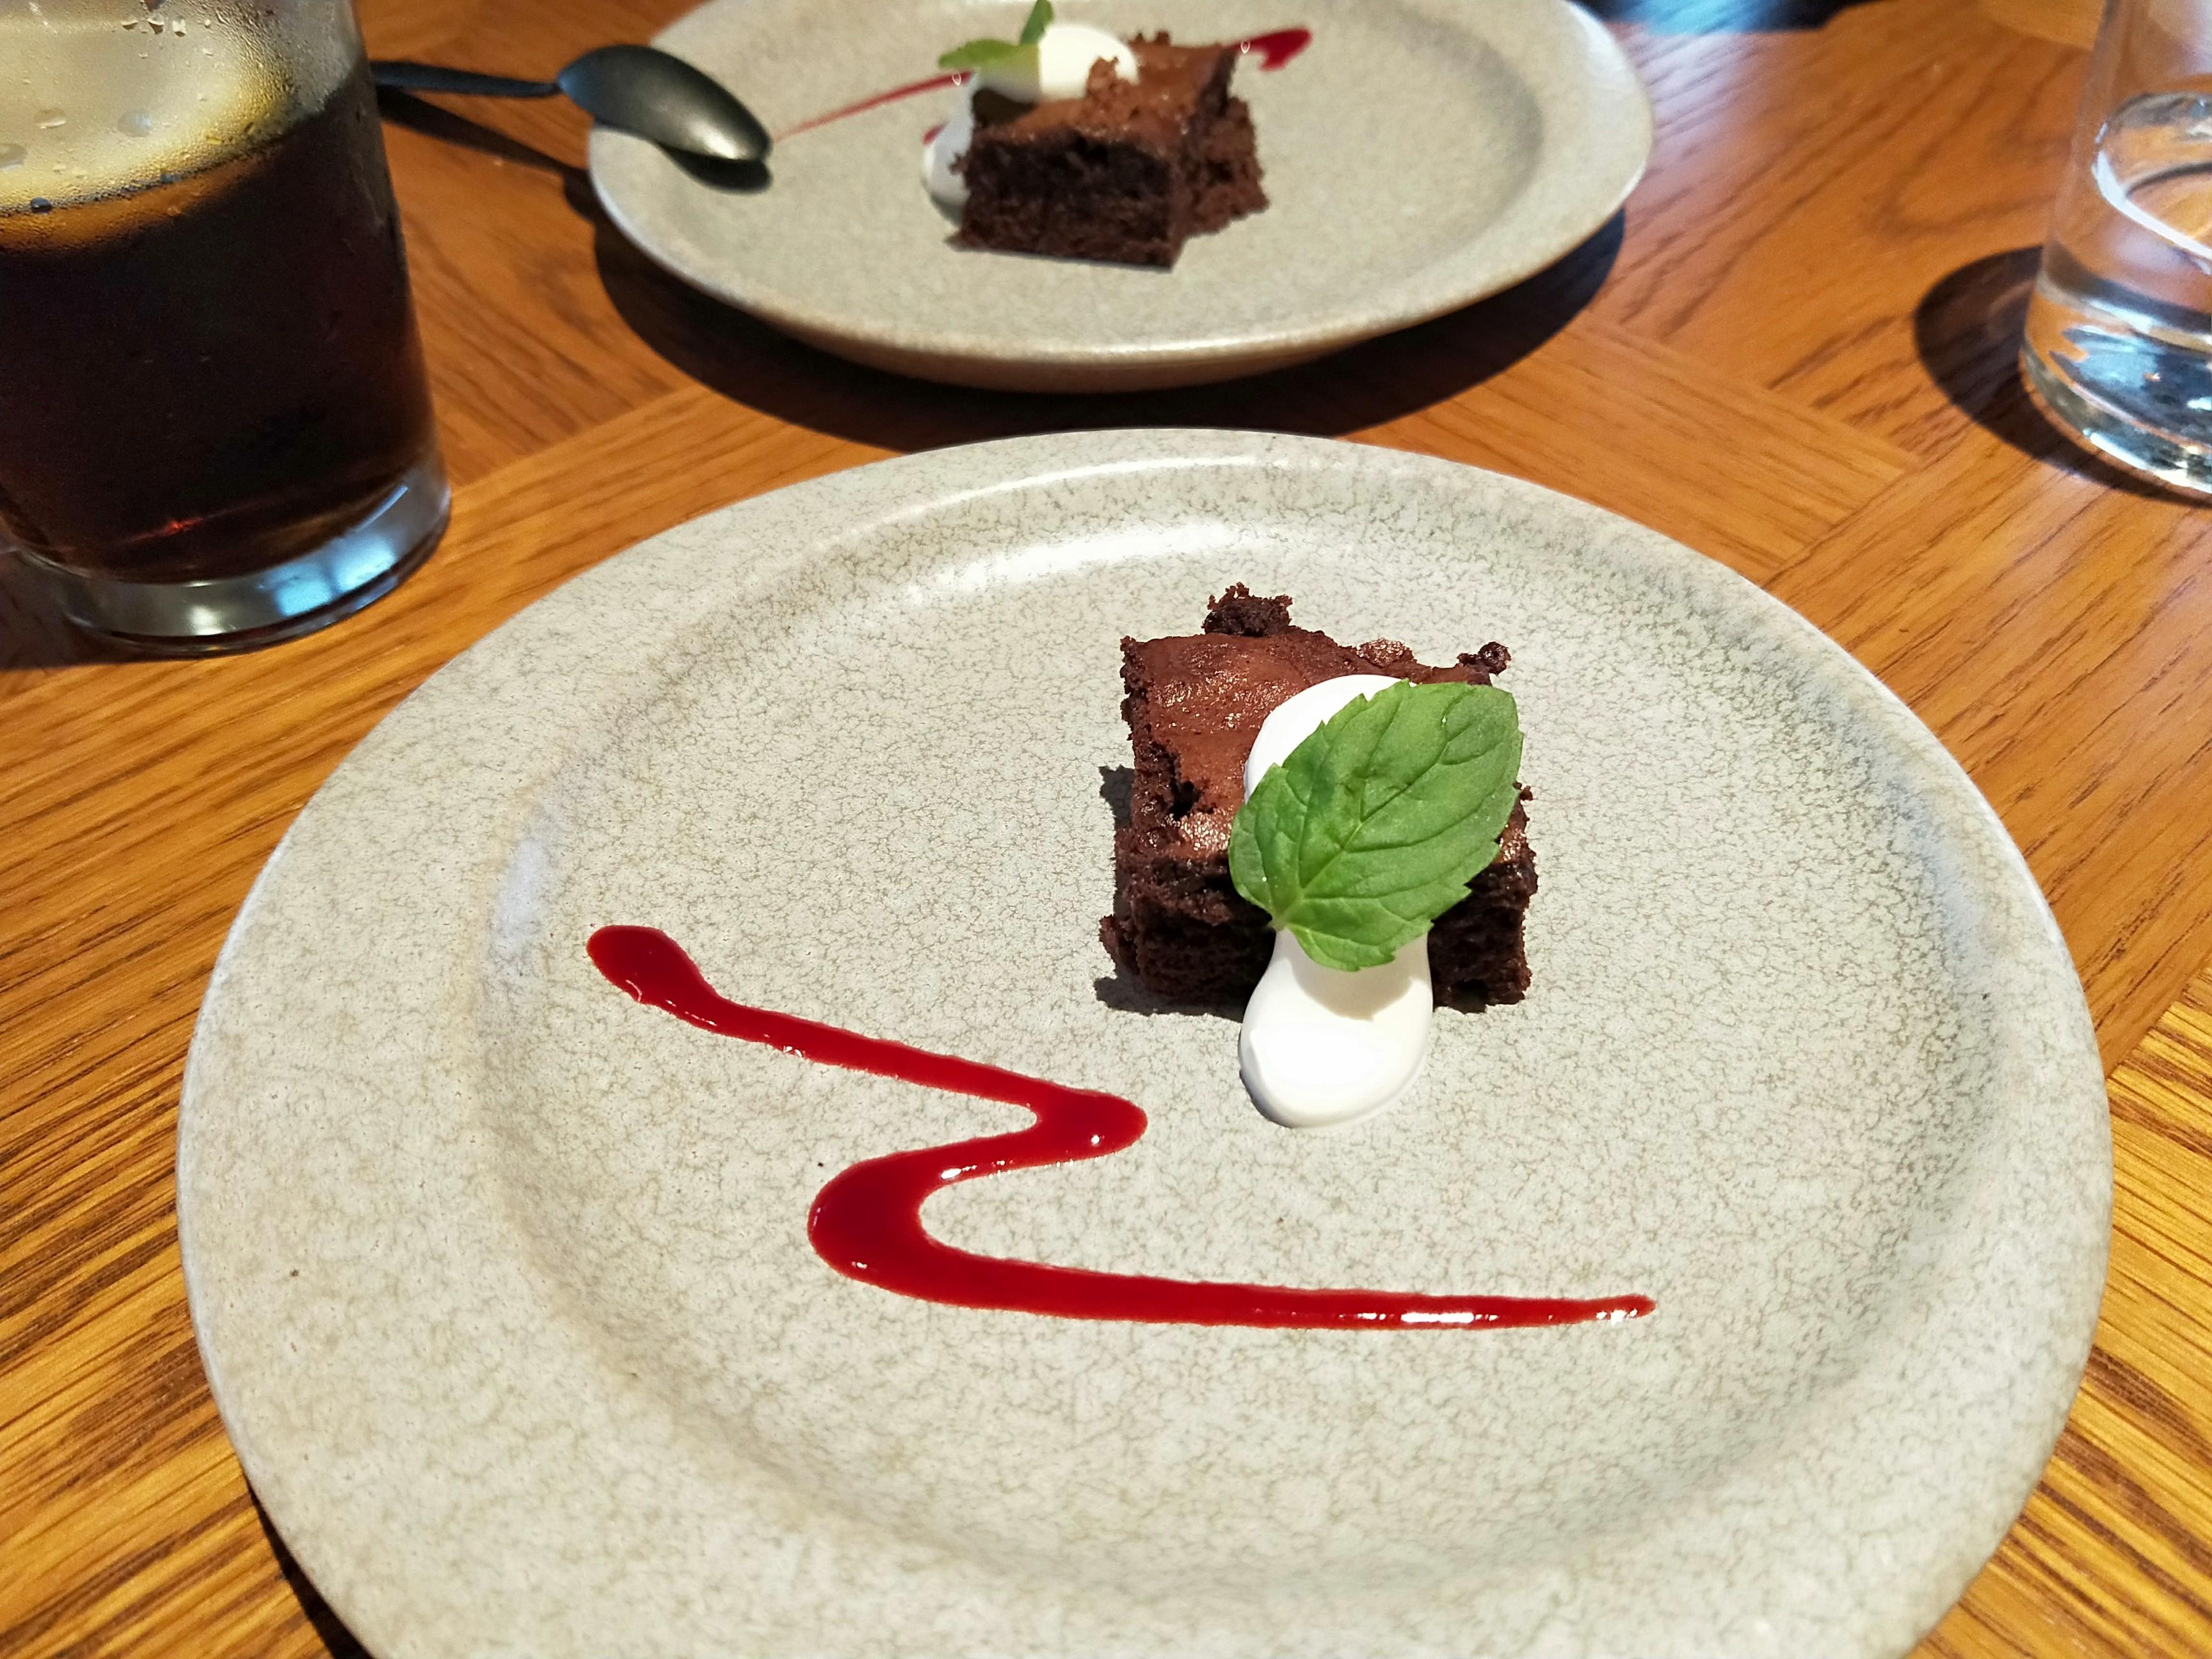 【横浜ハンマーヘッド】10月31日New Open!食をテーマにしたテーマパークへ潜入✨_9